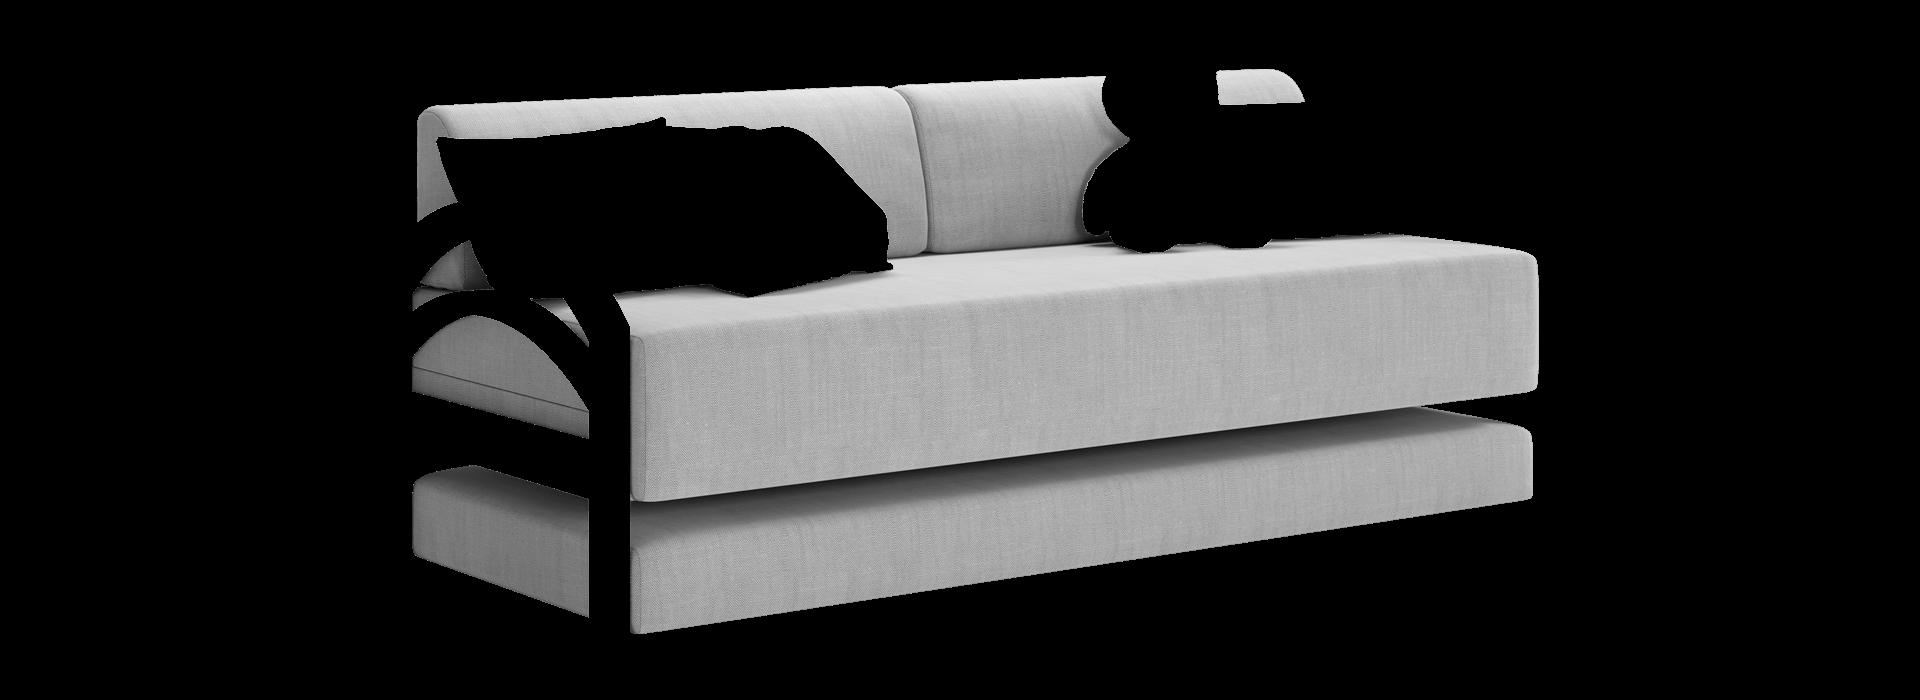 Мааян-3Д Прямой диван - маска 2